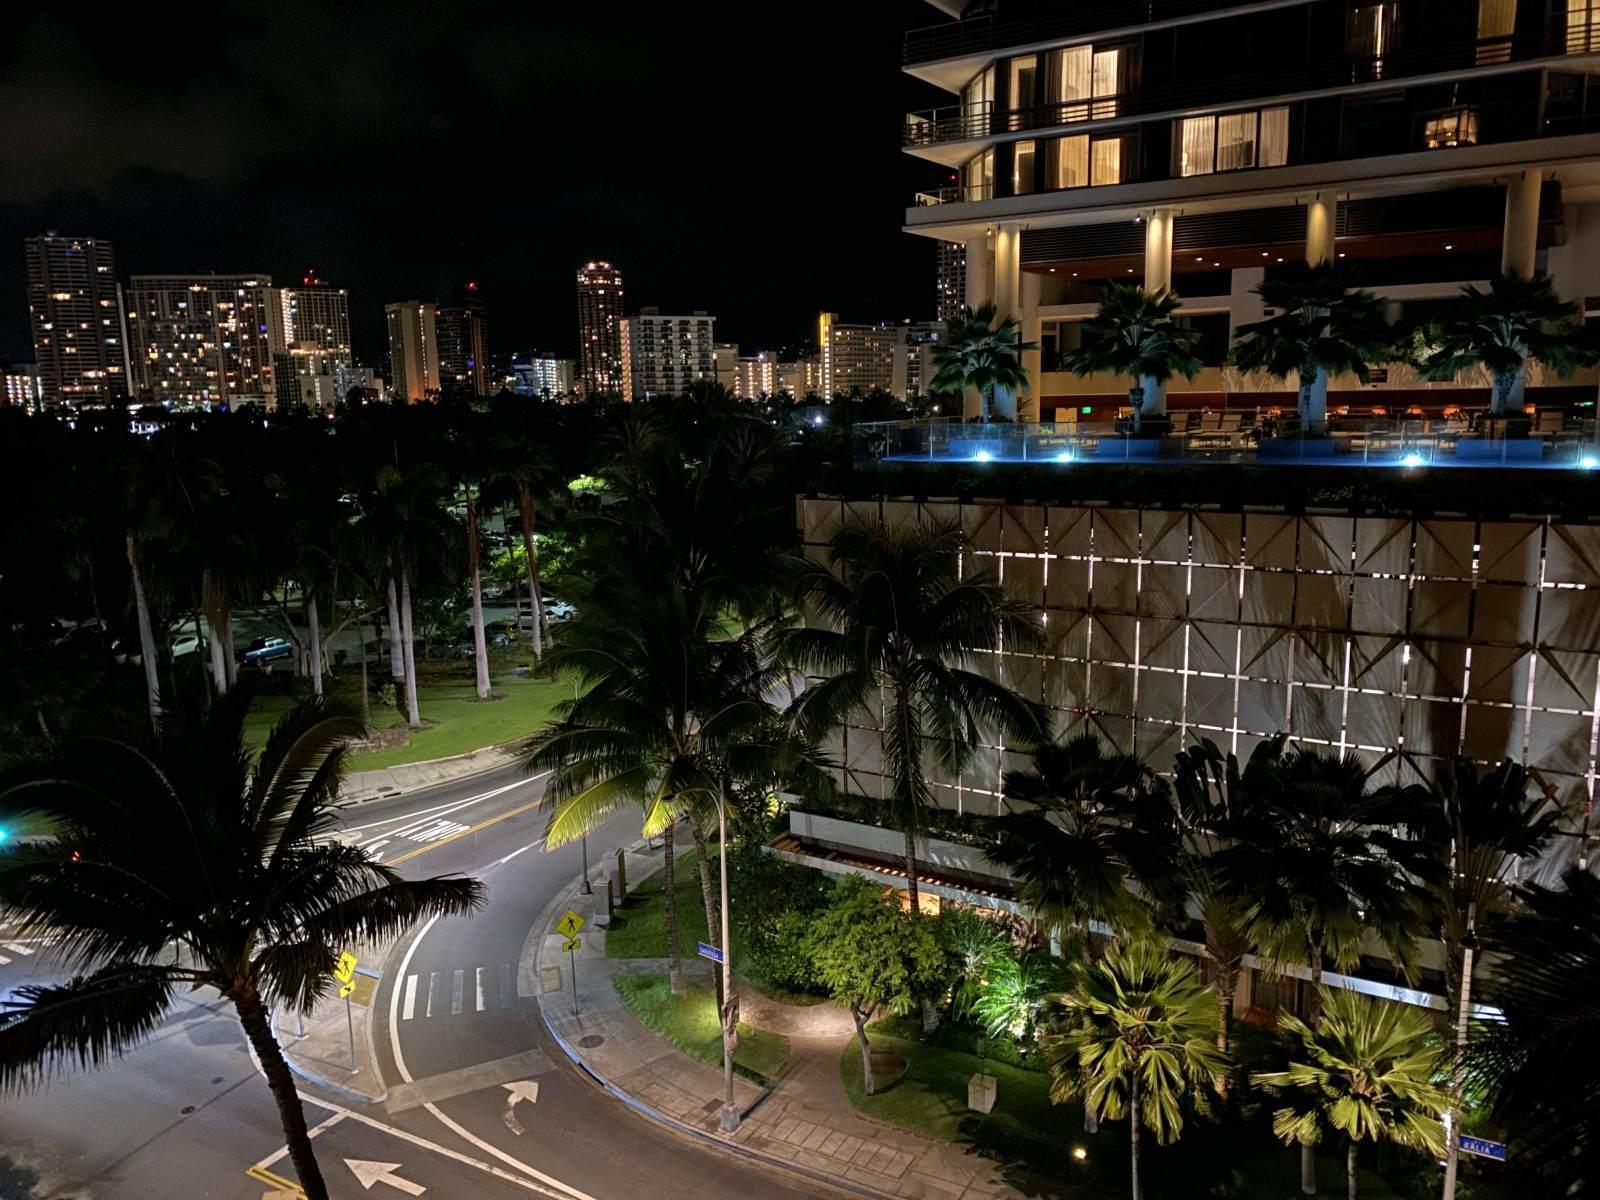 ハワイ旅行1 〜1日目〜 成田空港からホノルル空港へ eSIM便利。アサイーボウル、Mahaloha Burger食べる_b0024832_21055027.jpg